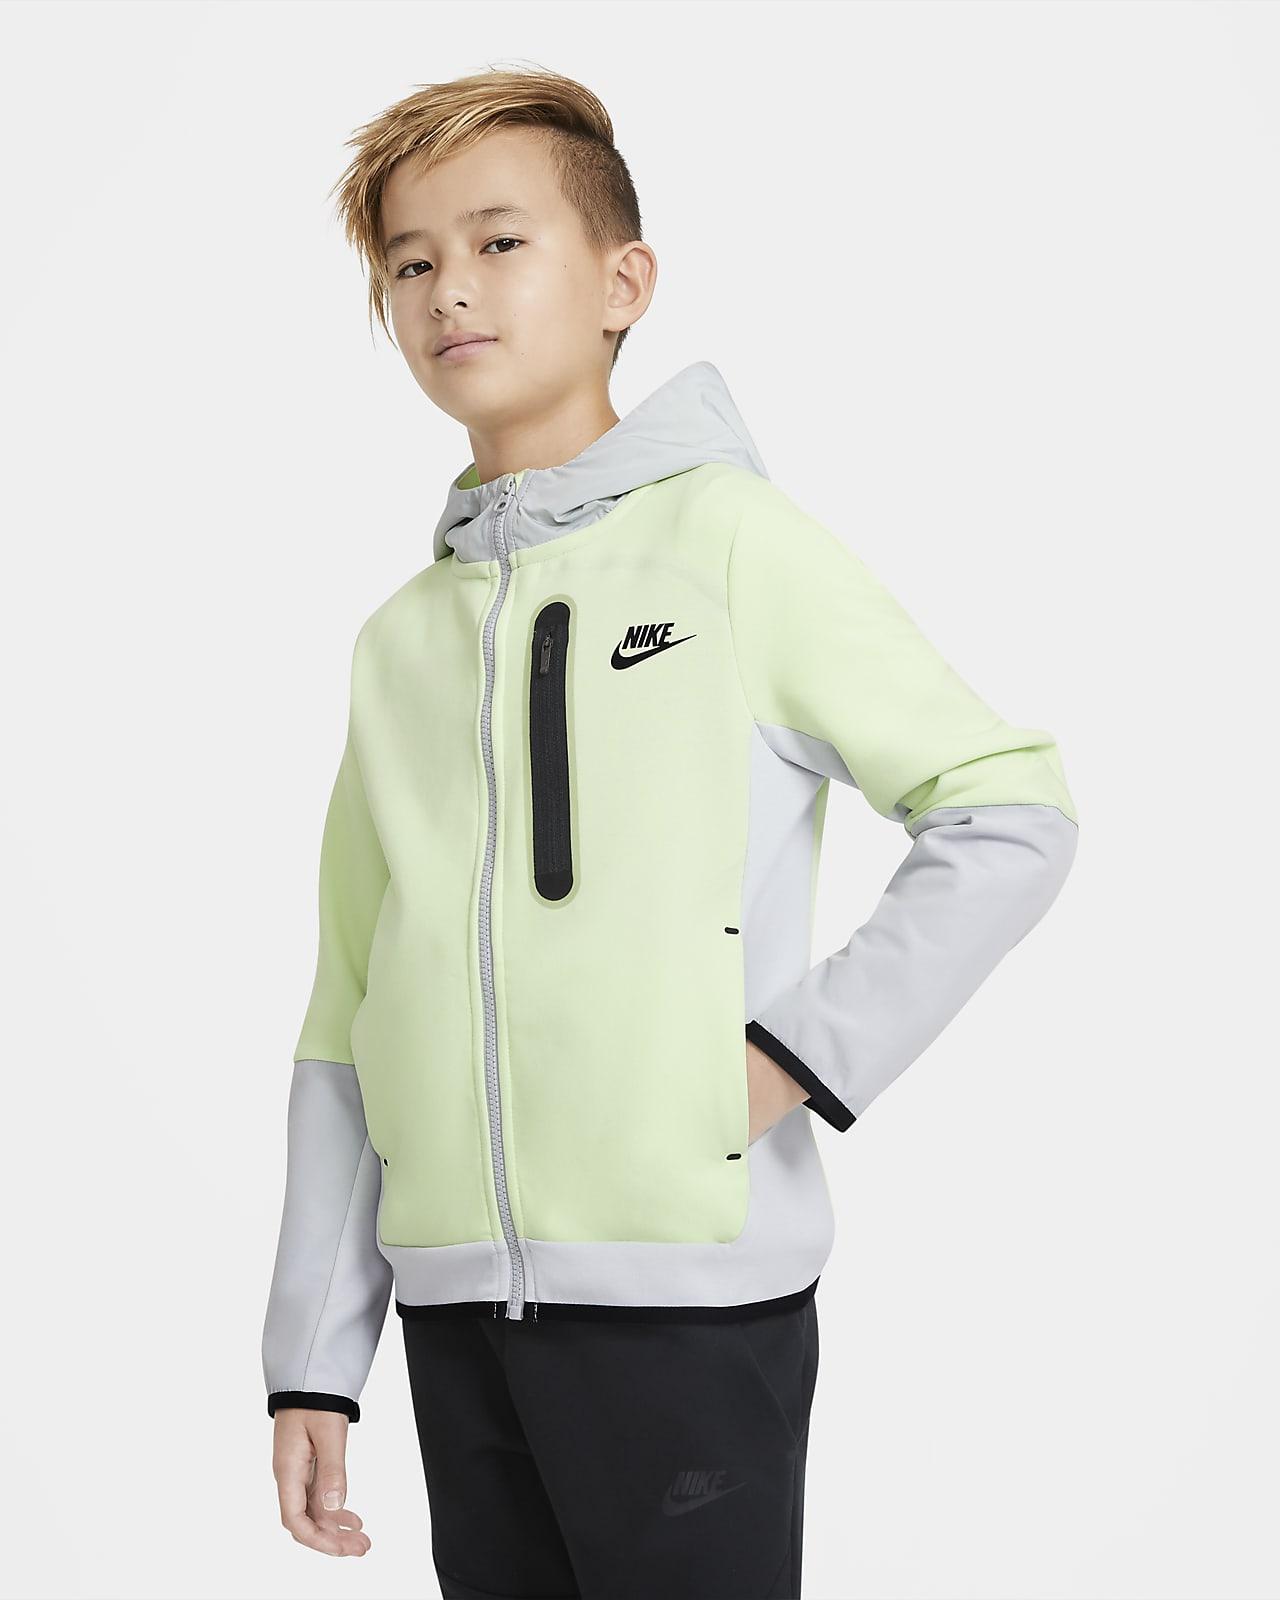 Nike Sportswear Tech Fleece Big Web-Hoodie mit durchgehendem Reißverschluss für ältere Kinder (Jungen)